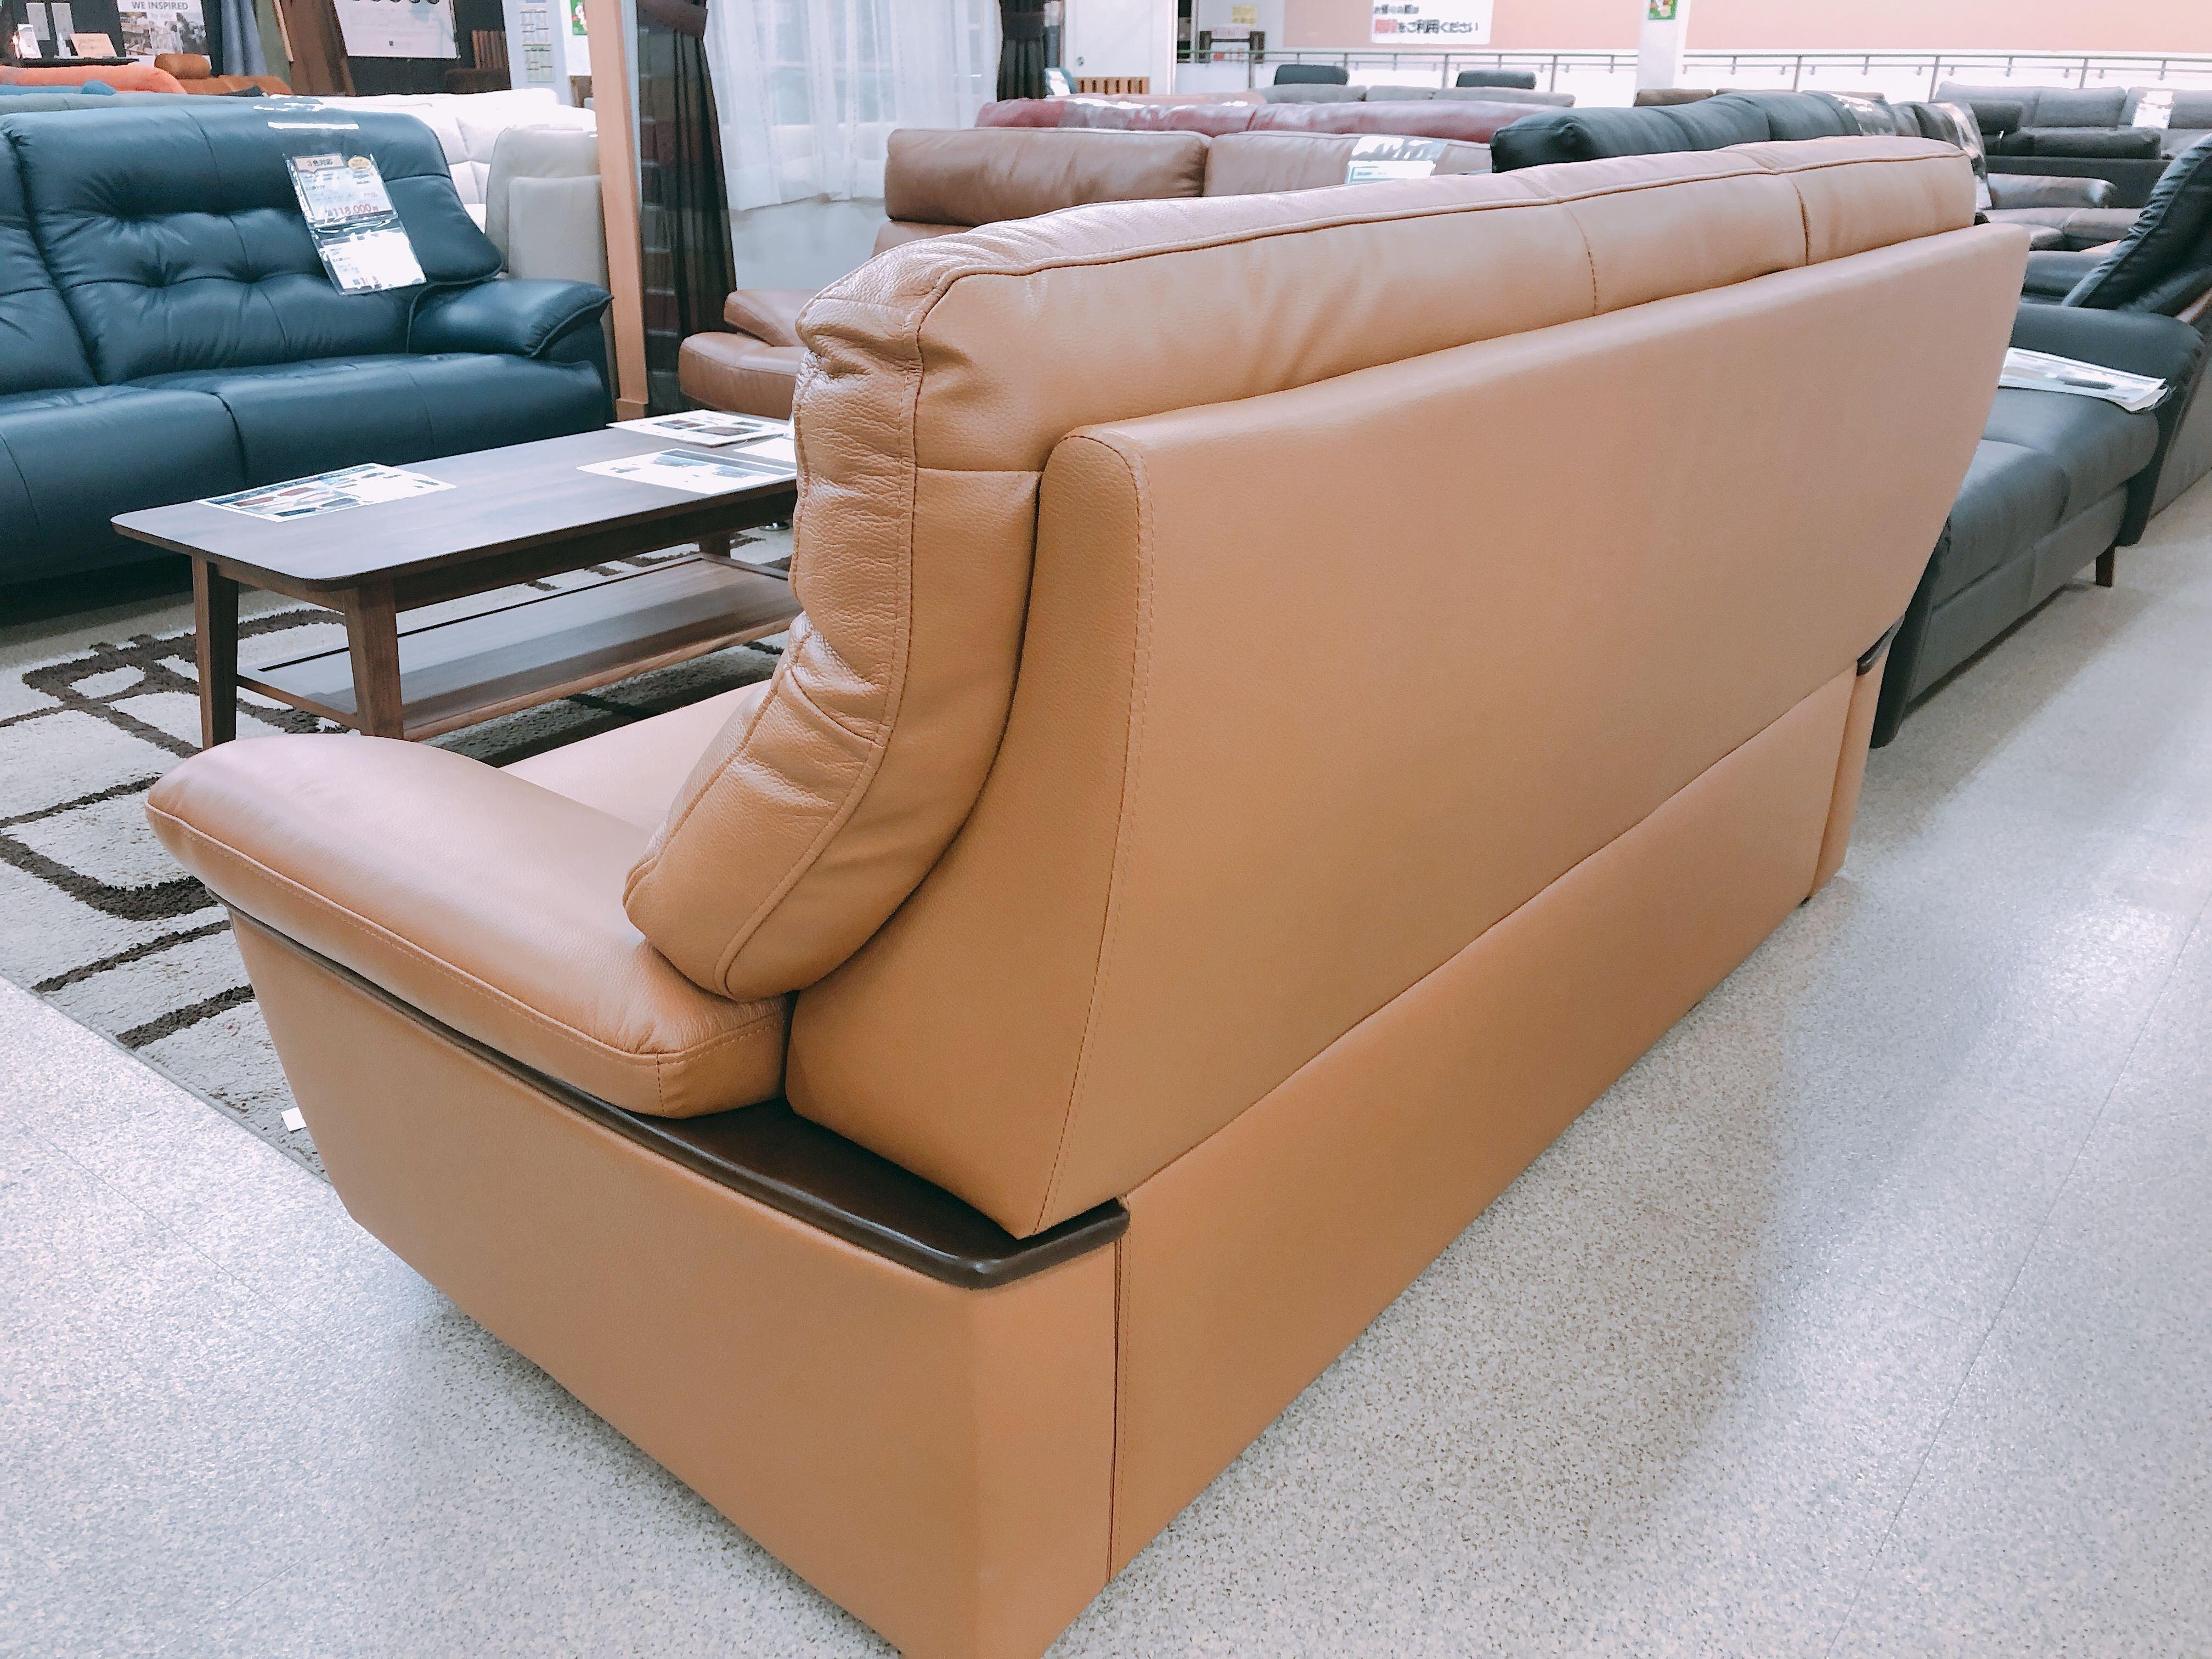 革質のよいボリュームありの3人掛けソファ メーカーモデルチェンジのための画像3